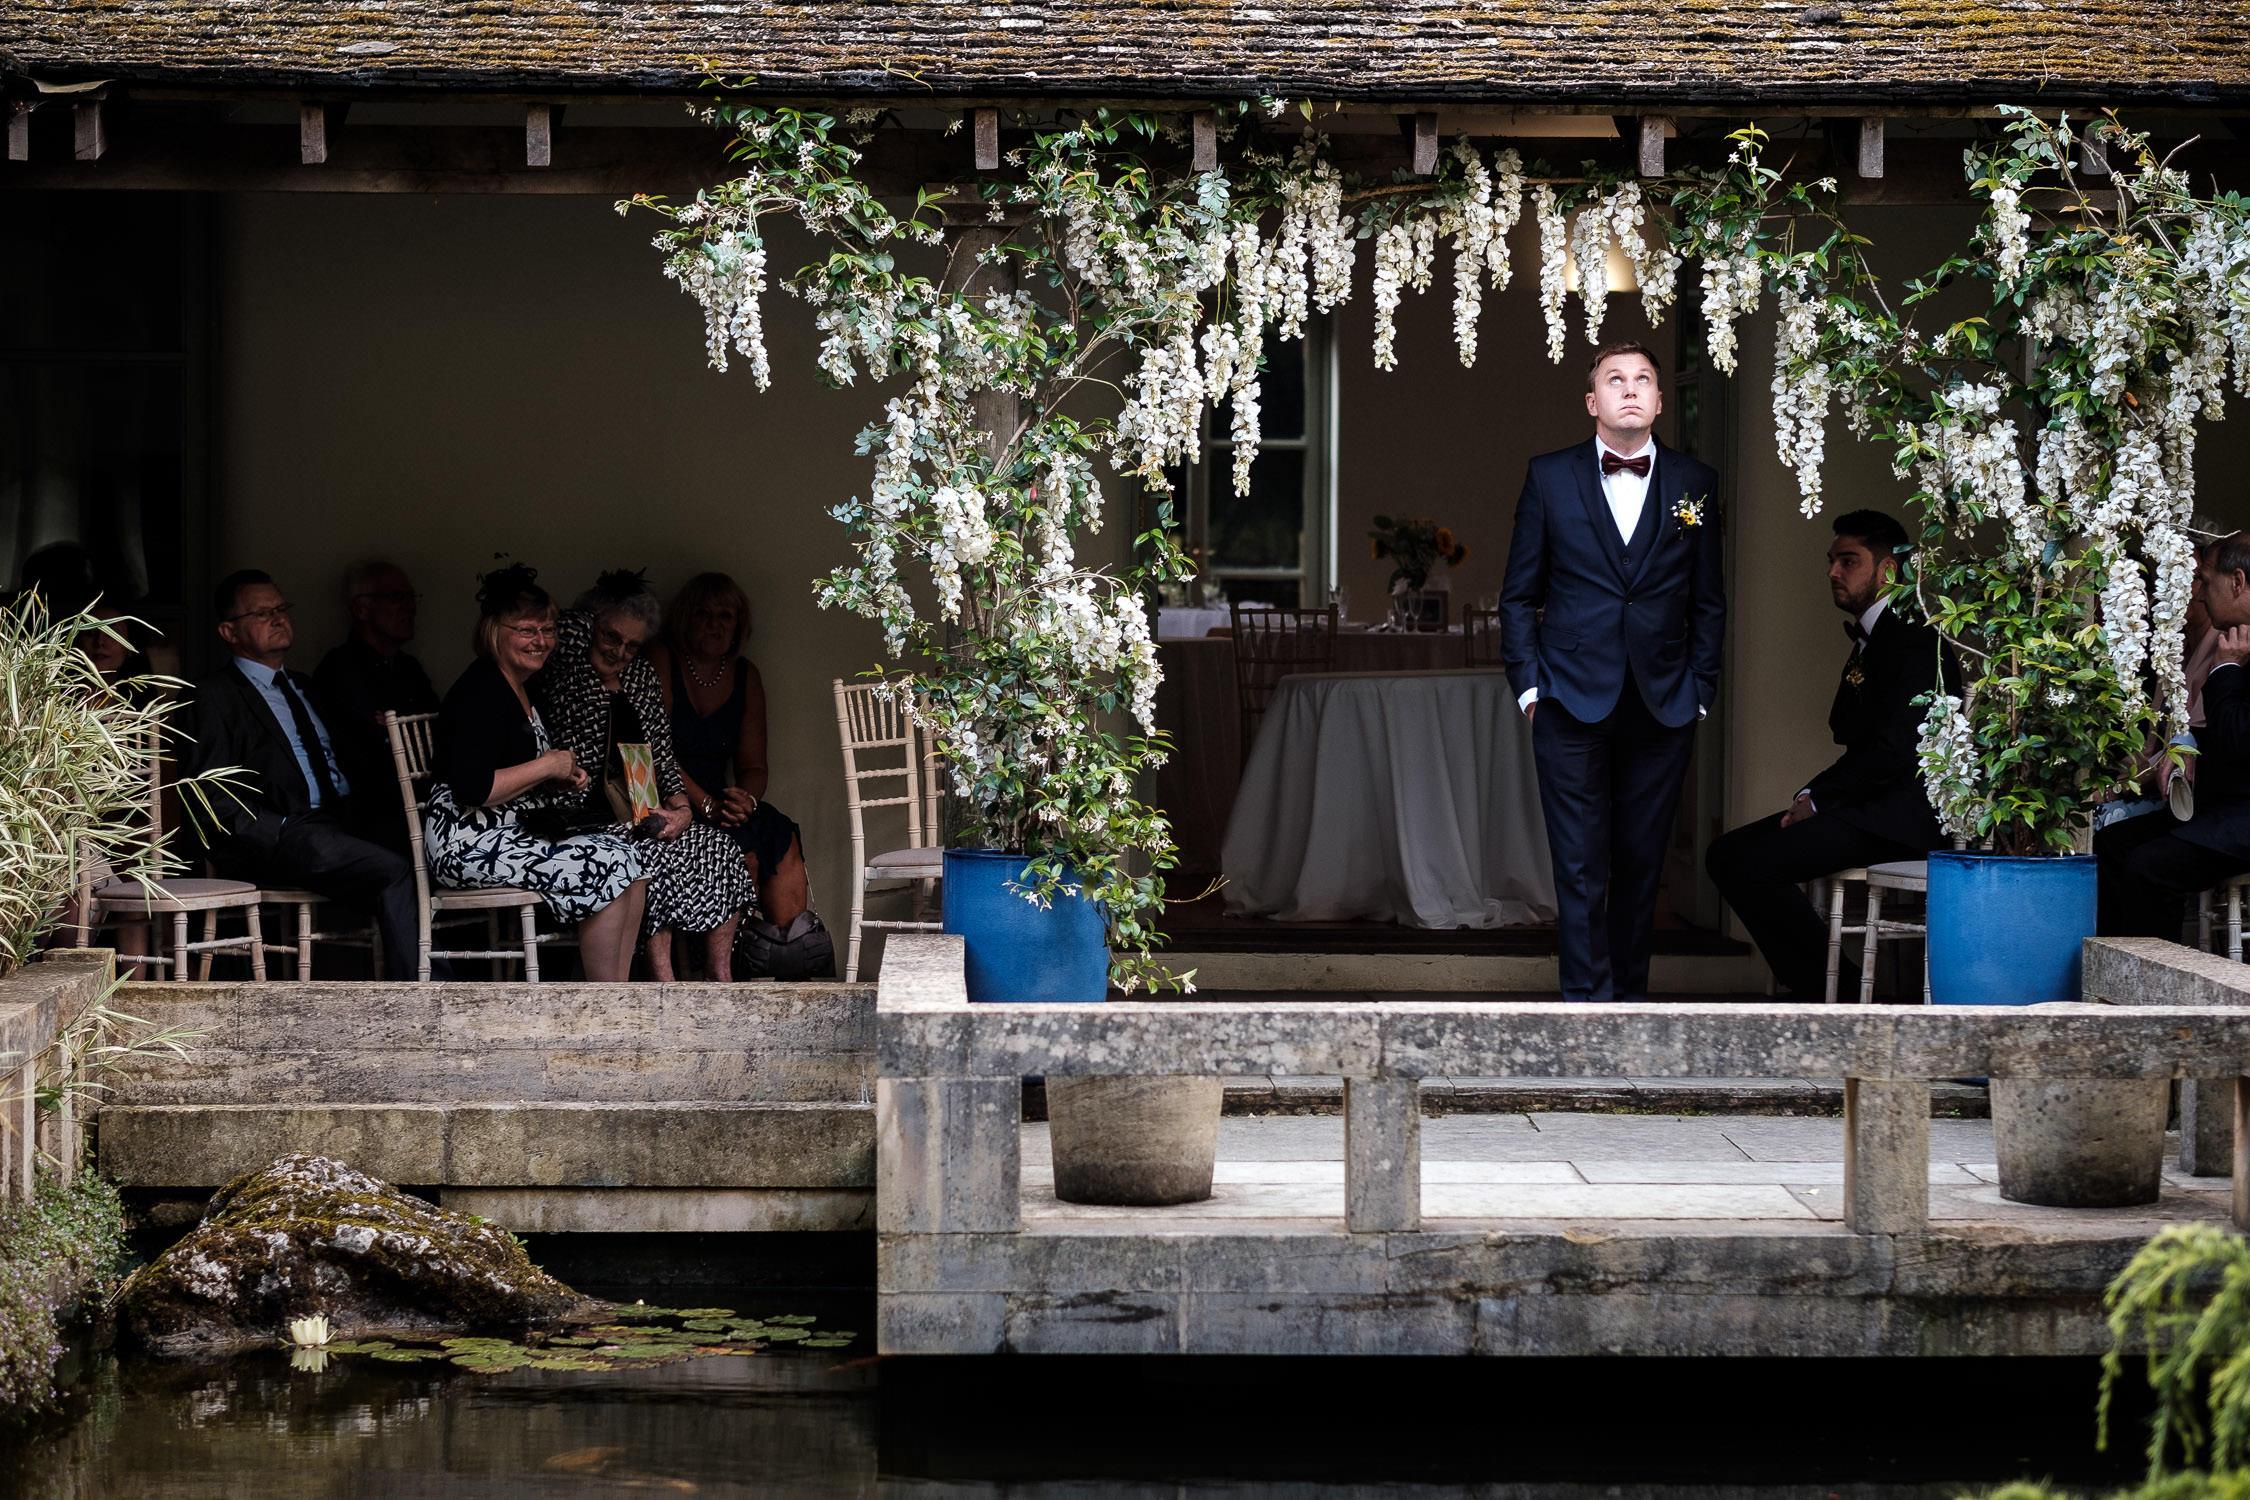 groom waiting nervously for bride